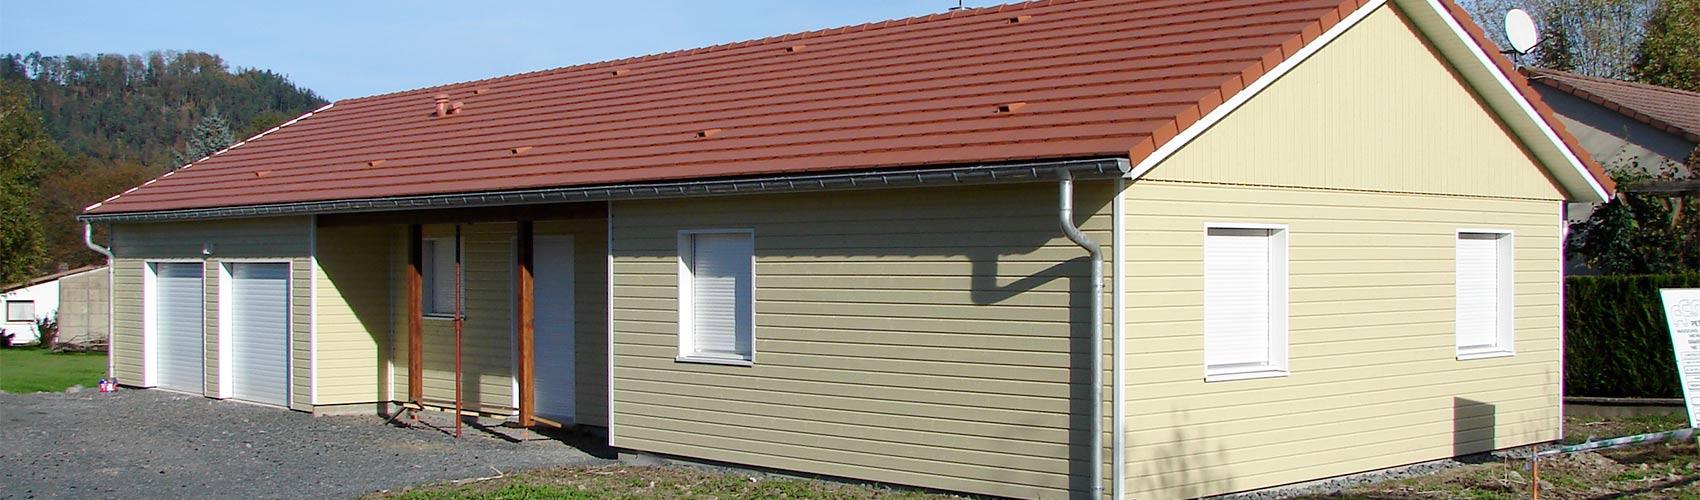 Maison Ossature Bois Vosges constructeur maisons ossature bois mobilier escalier vosges